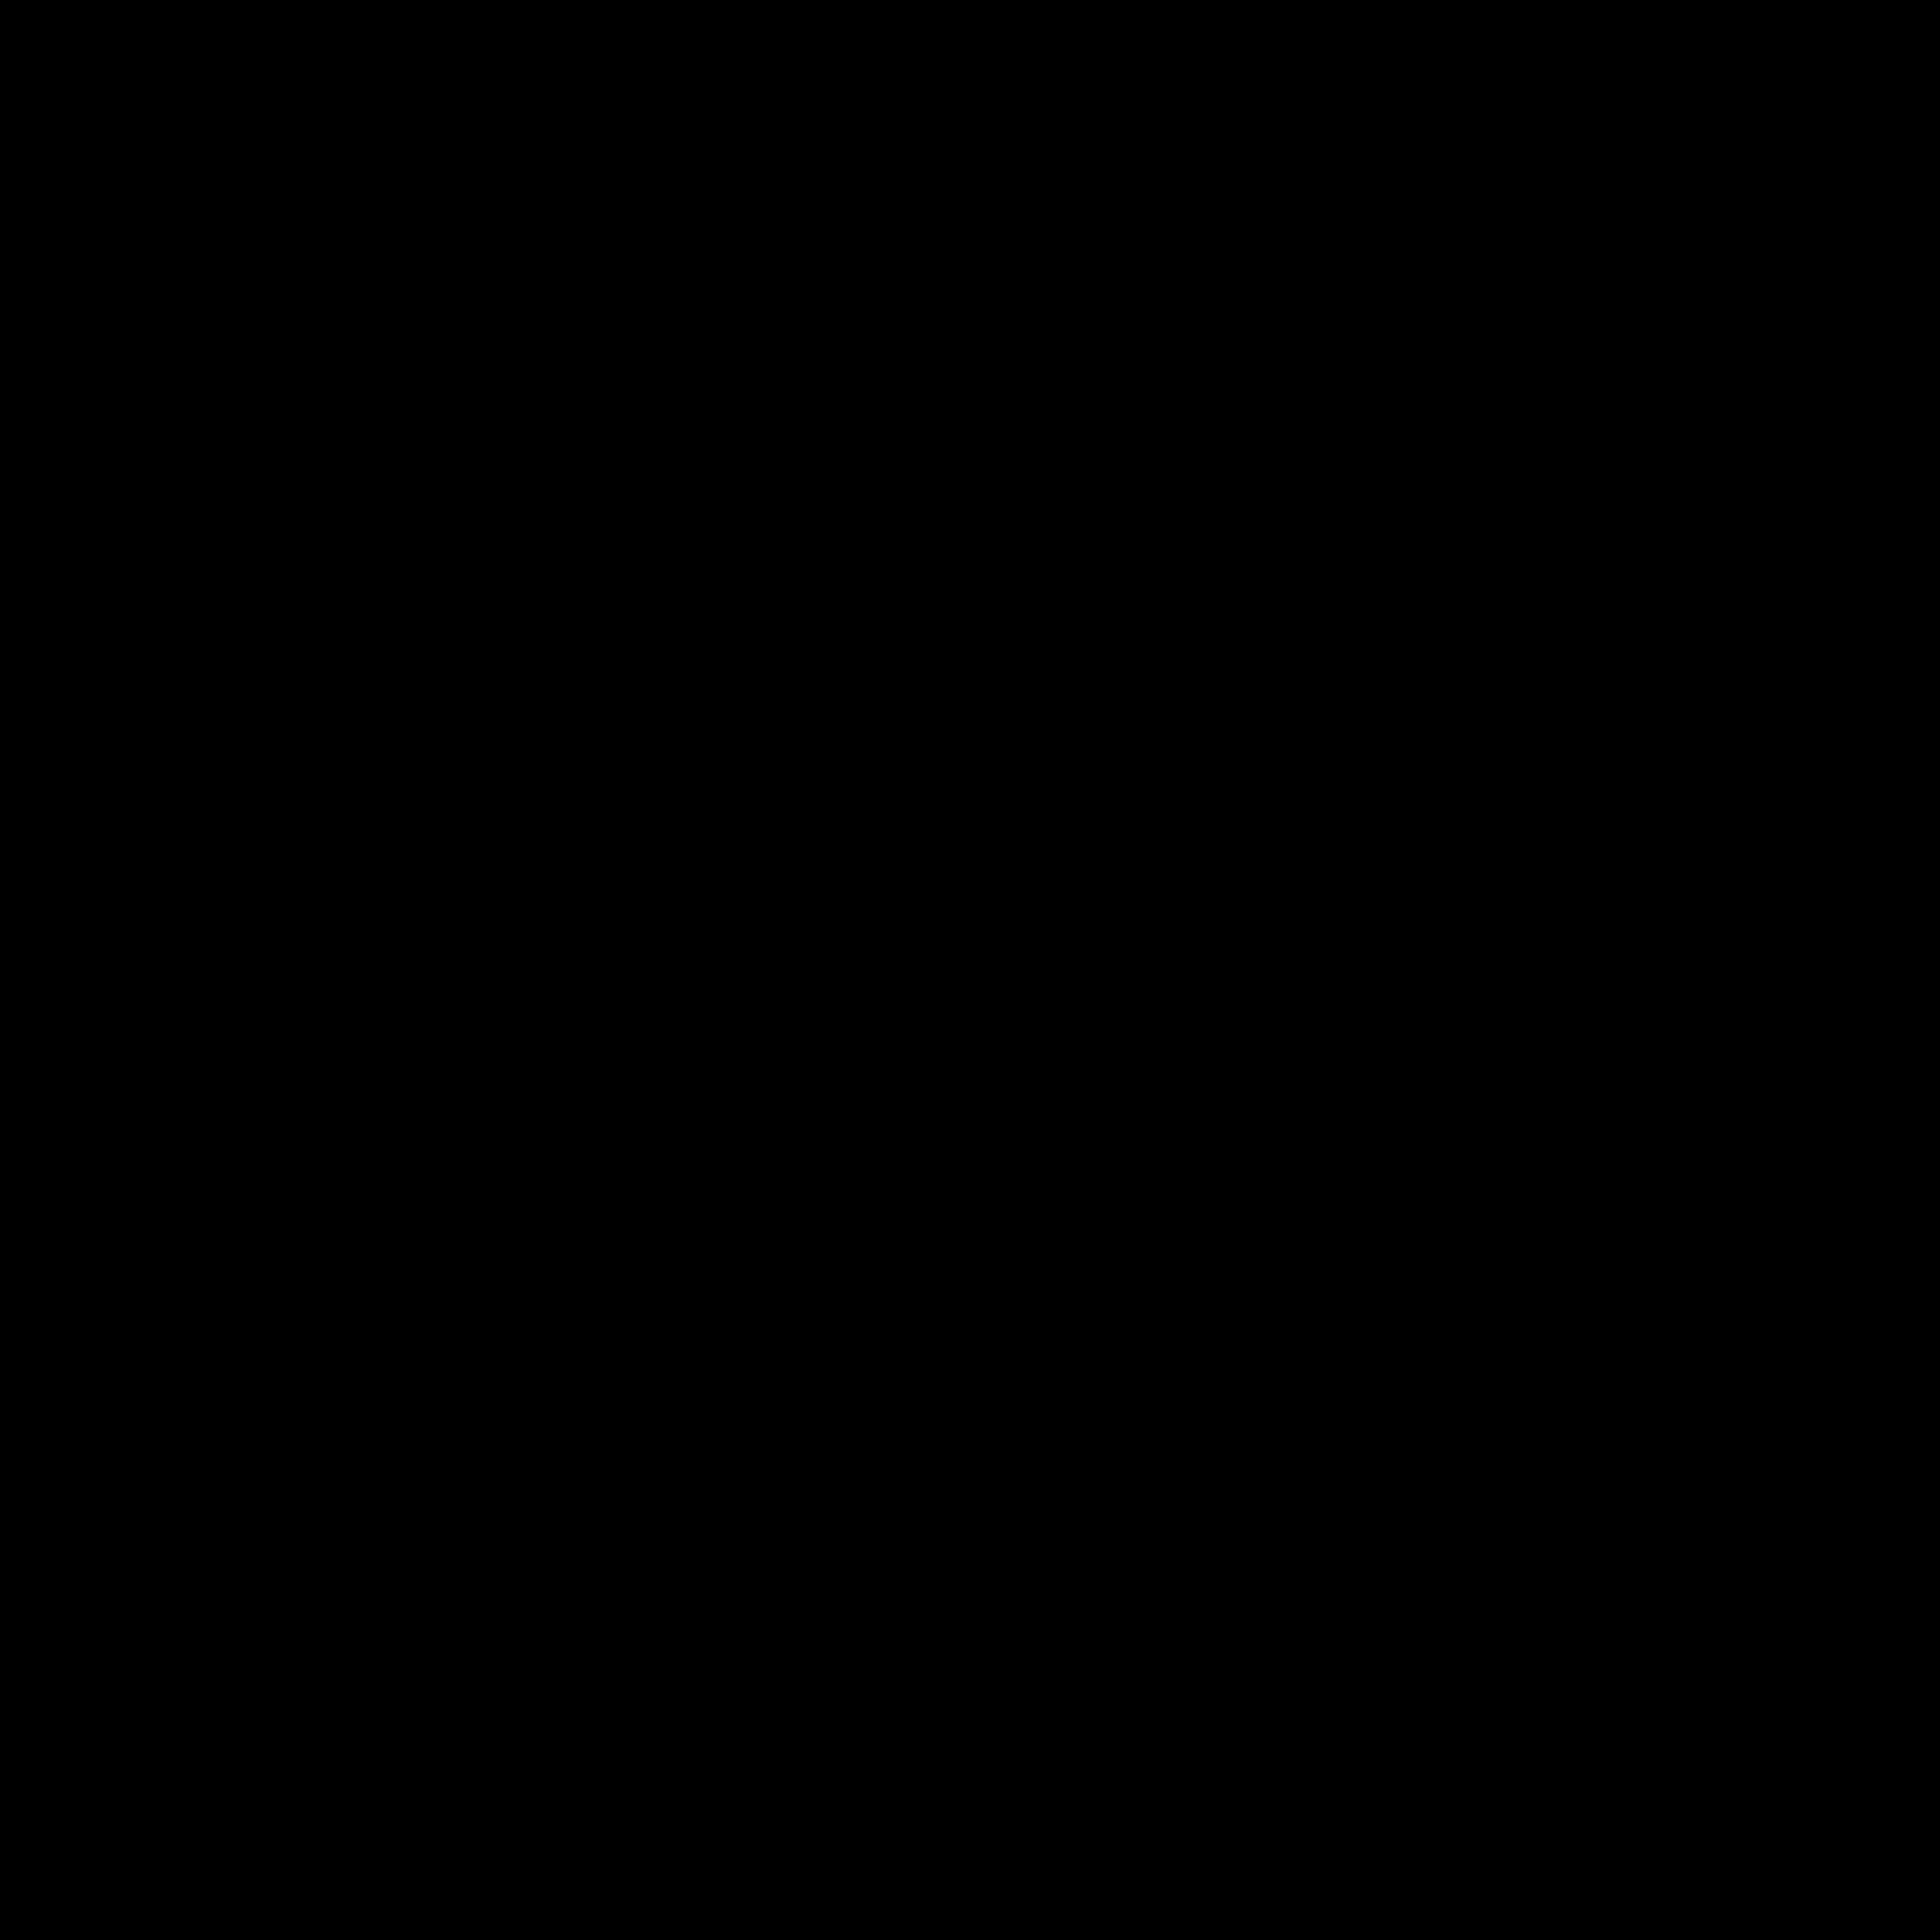 Купить Конструктор LEGO City Fire 60248 Пожарный спасательный вертолёт,